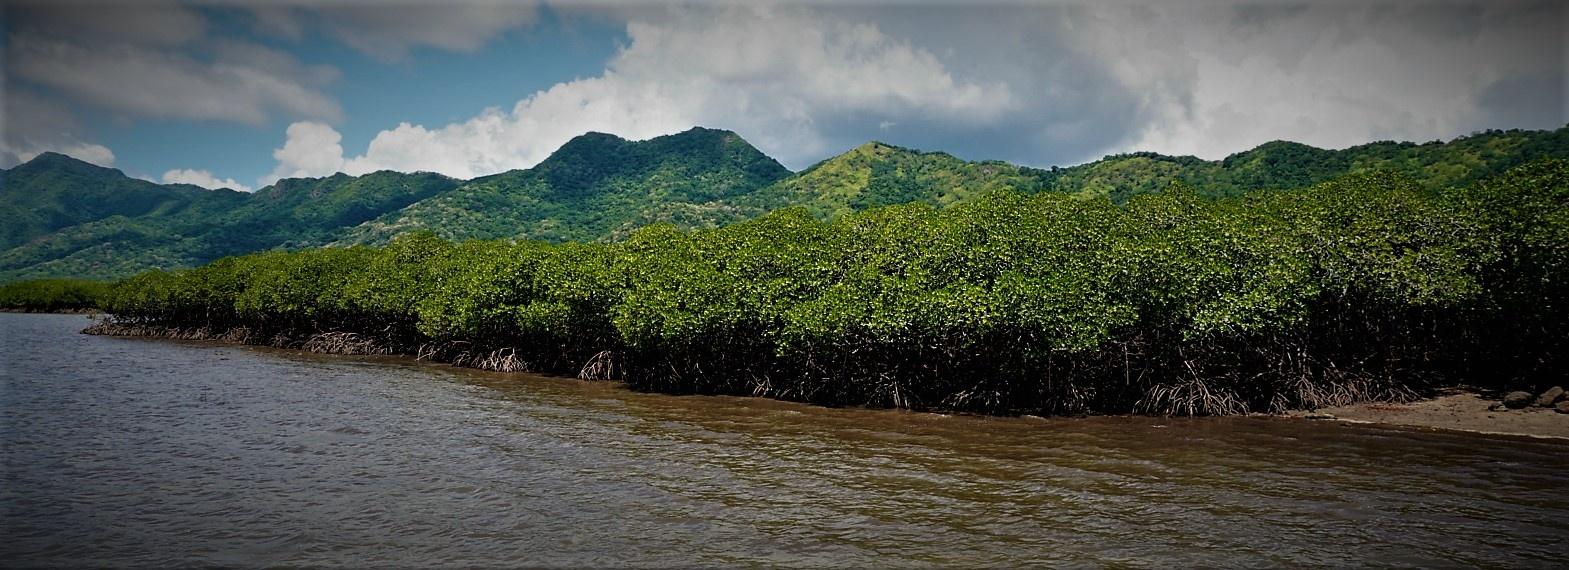 mangrove 2.jpg